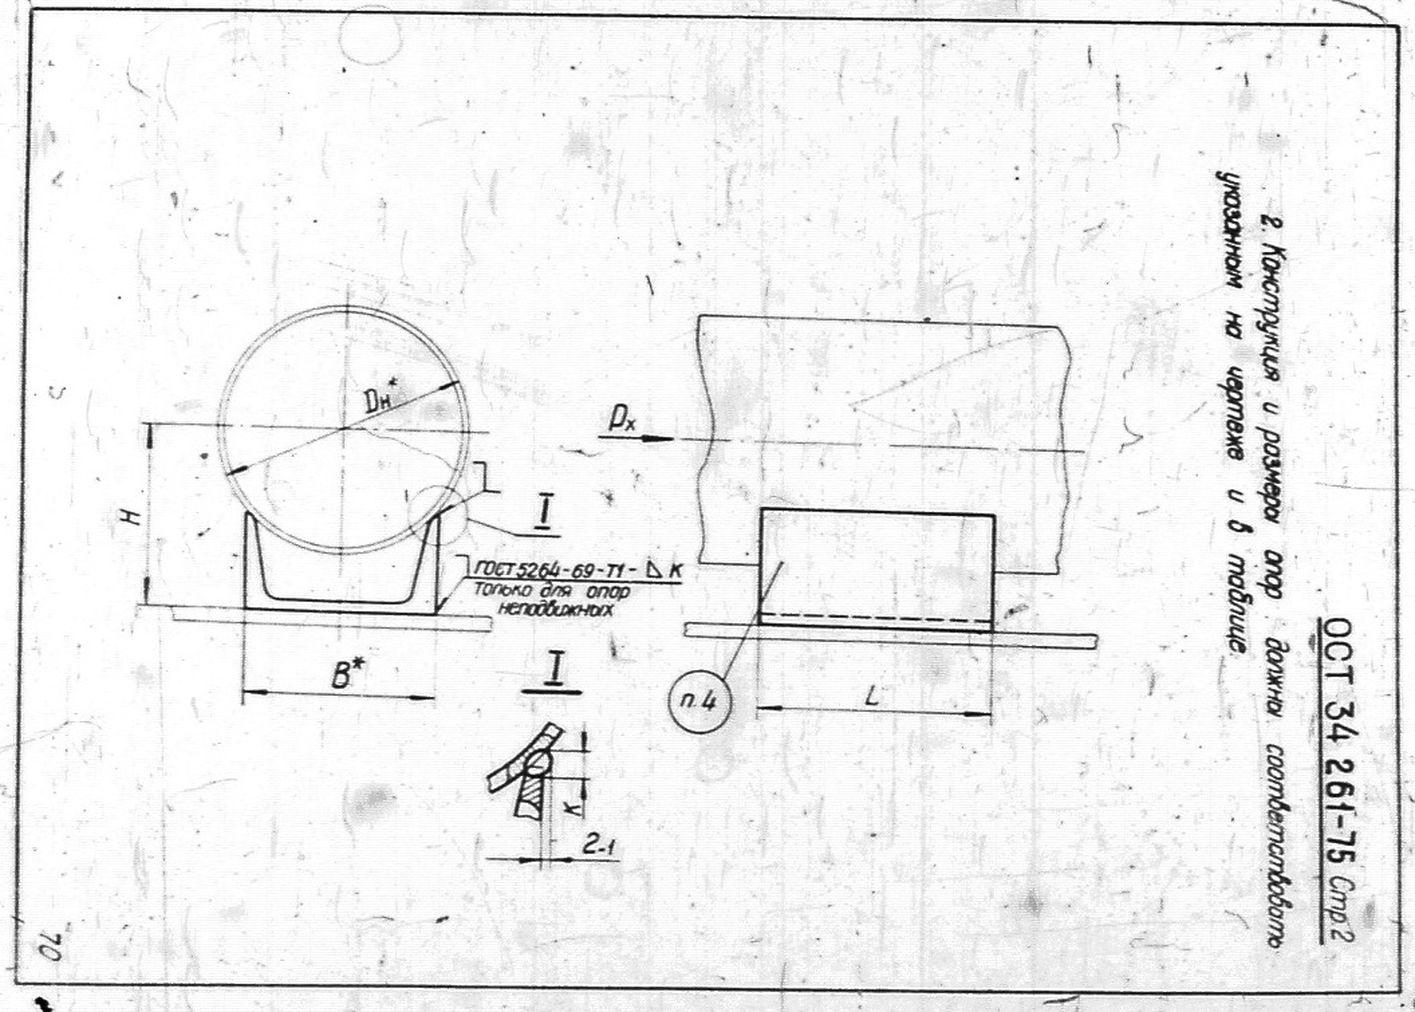 Опоры скользящие и неподвижные Дн 89 - 820 мм ОСТ 34 261-75 стр.2